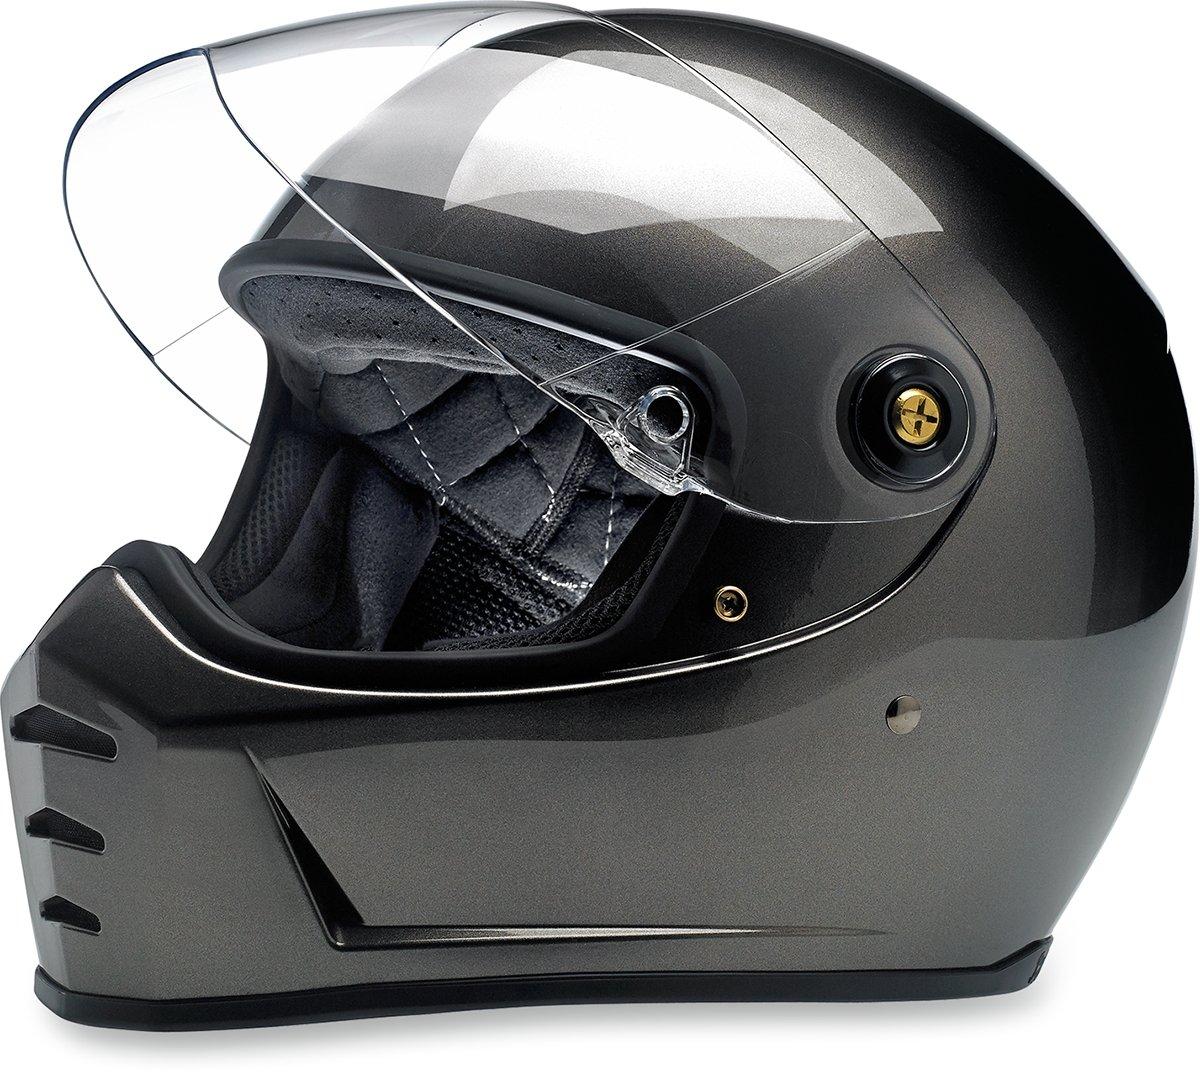 Biltwell Lane Splitter Helmet (Large) (Bronze Metallic)